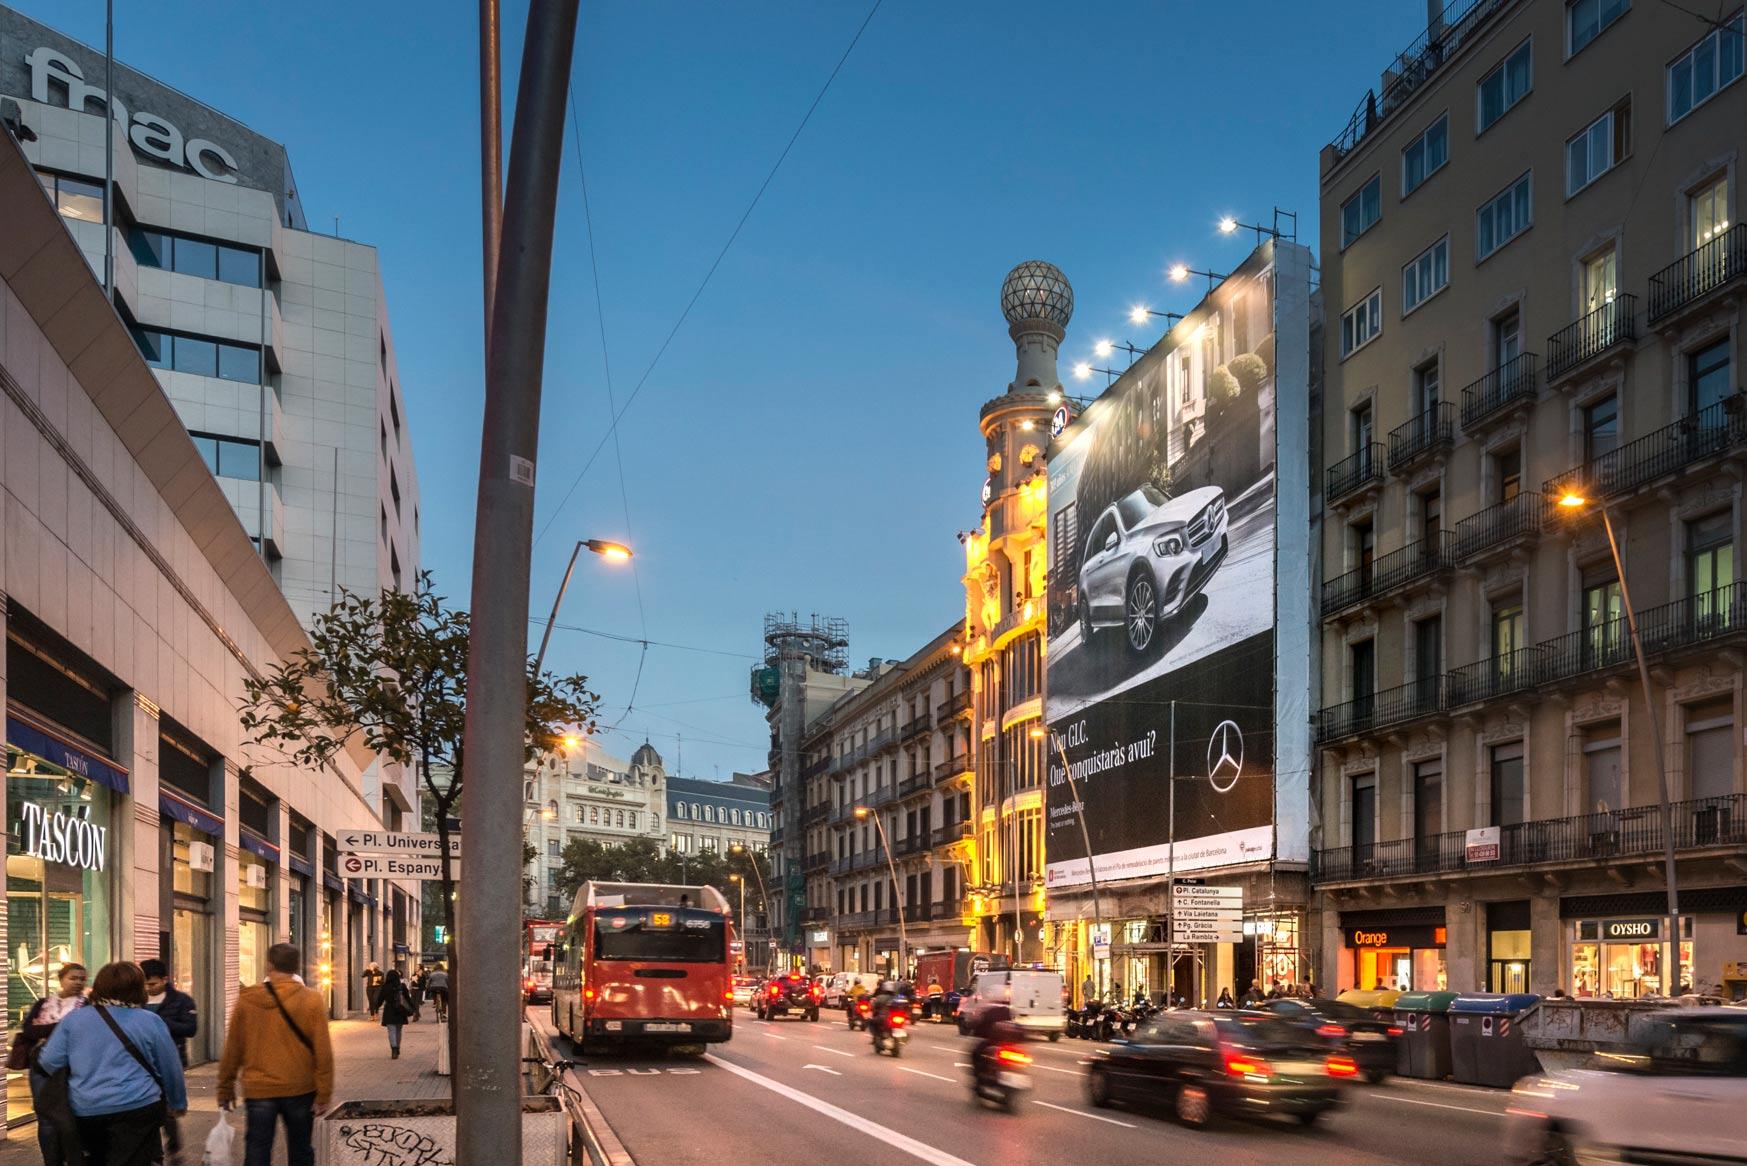 lona-publicitaria-barcelona-mercedes-glc-pelayo-lateral-vsa-comunicacion